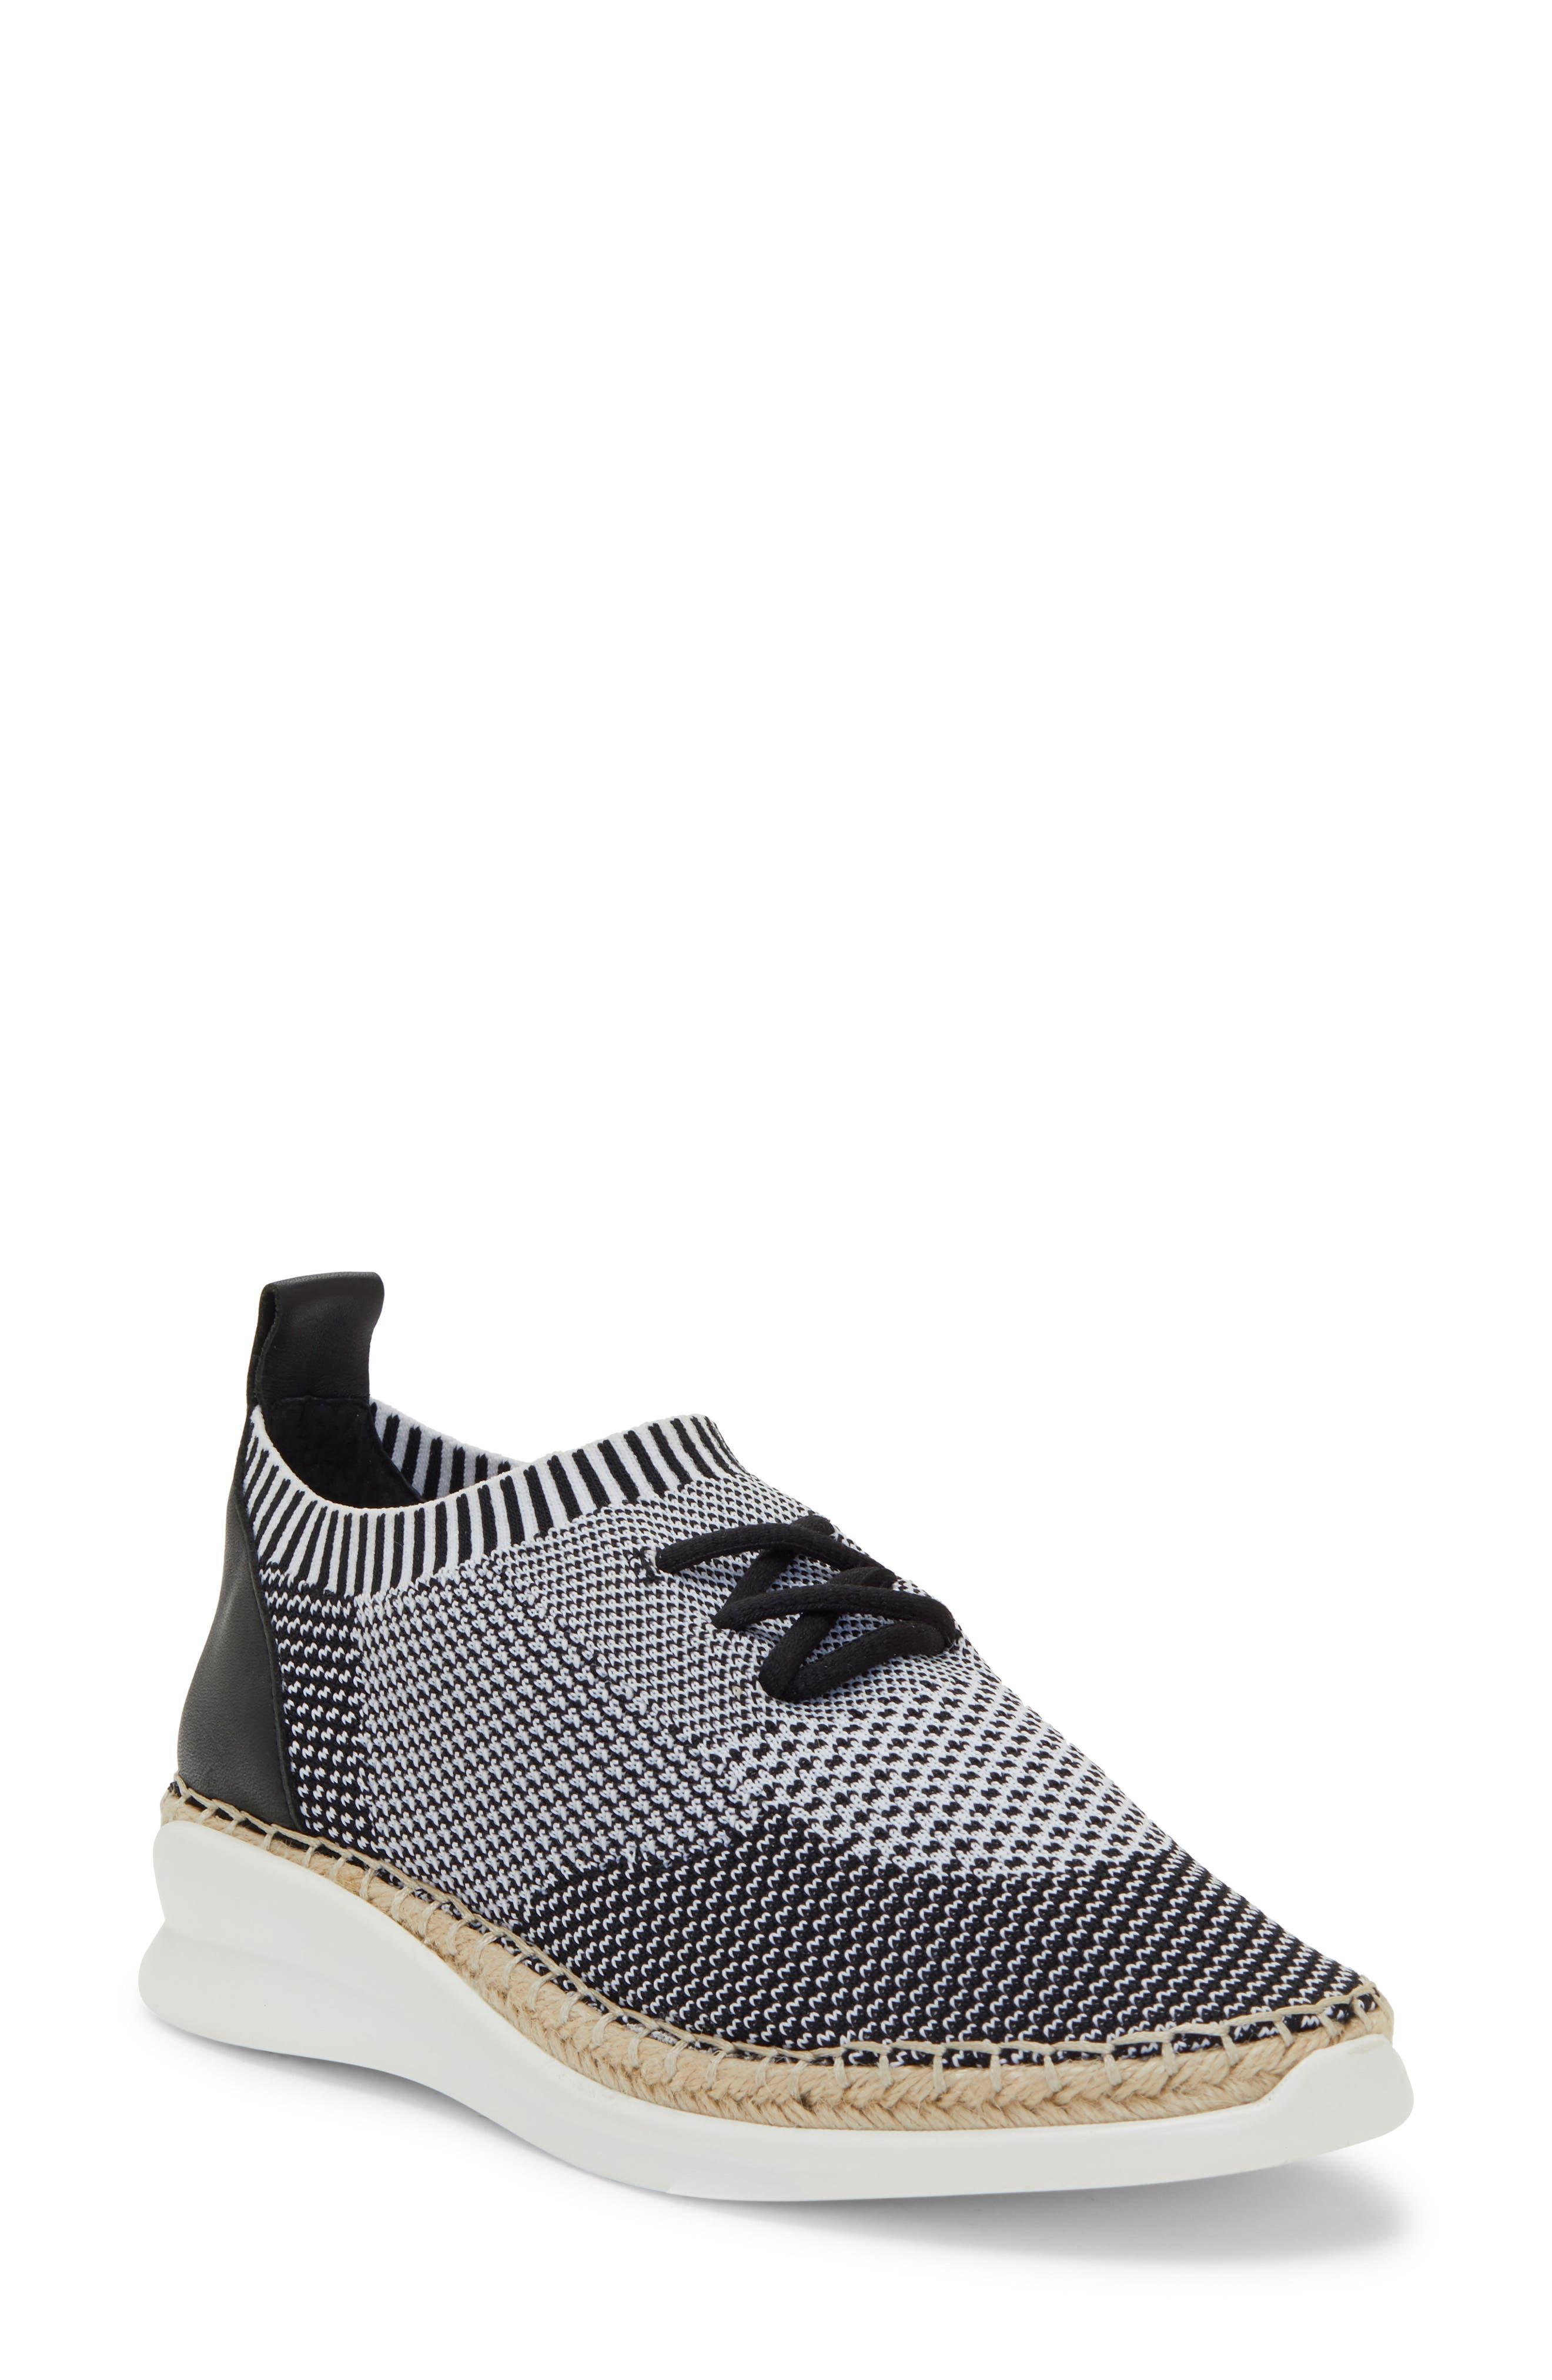 Vince Camuto Affina Sneaker- Black